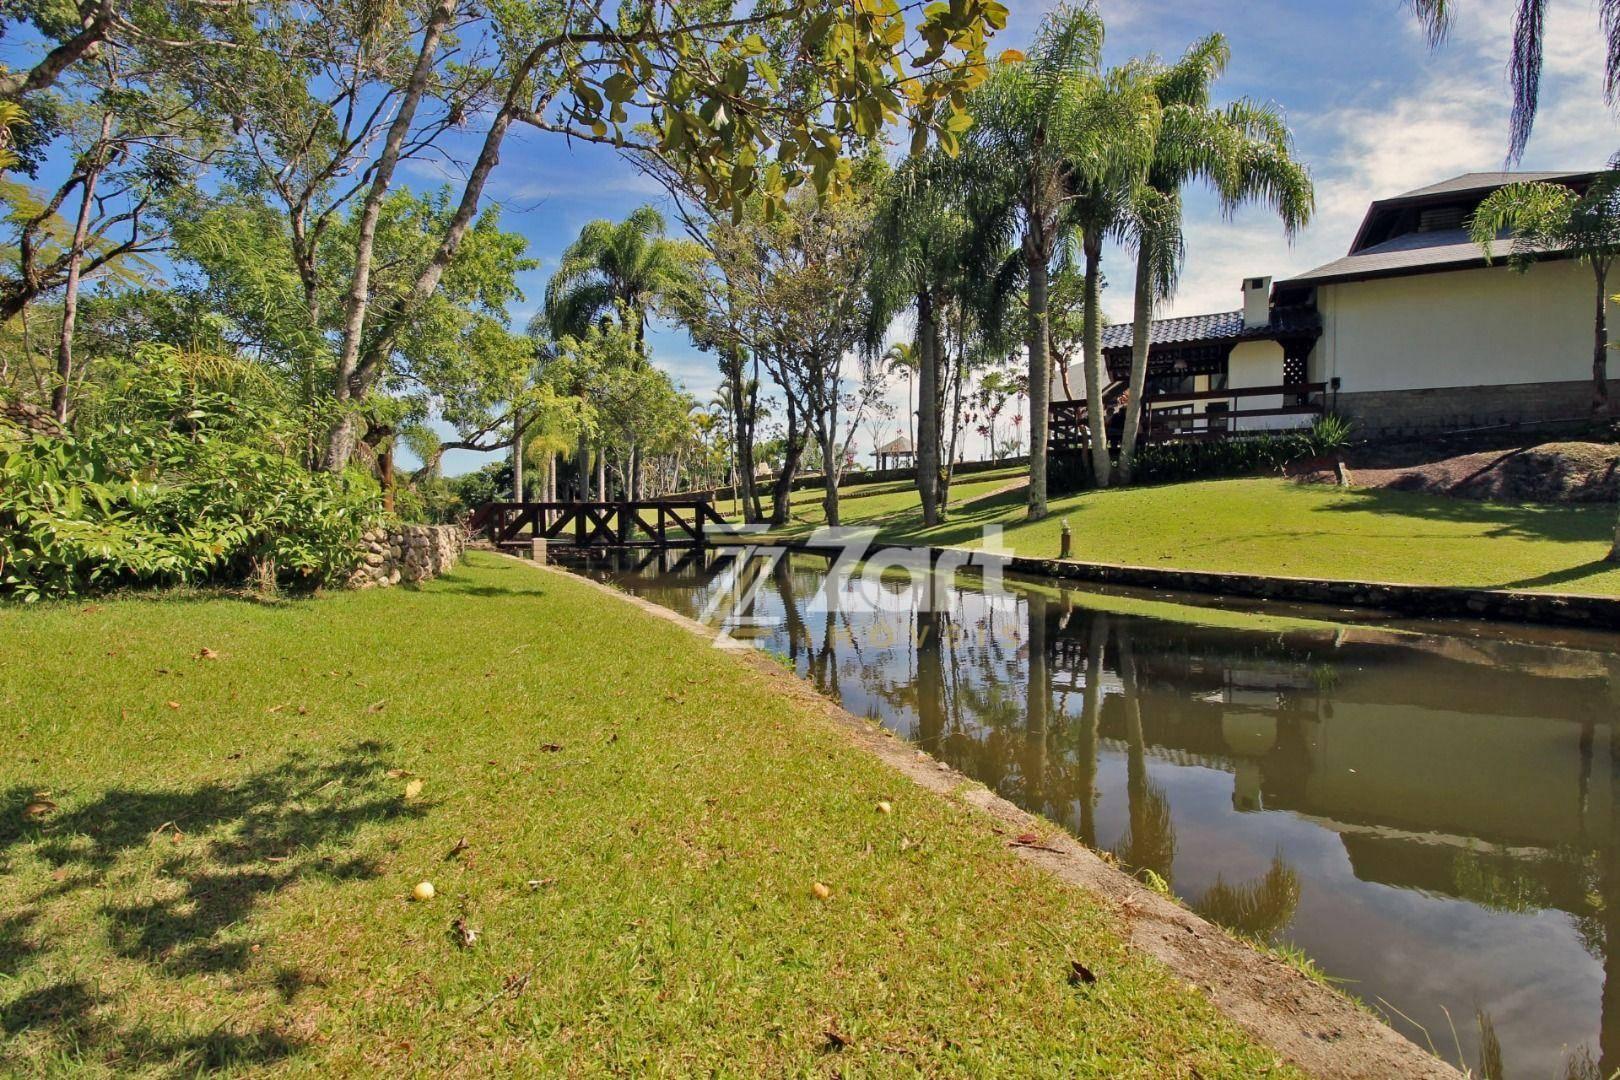 Terreno/Lote à venda, 651 m² por R$ 560.000,00